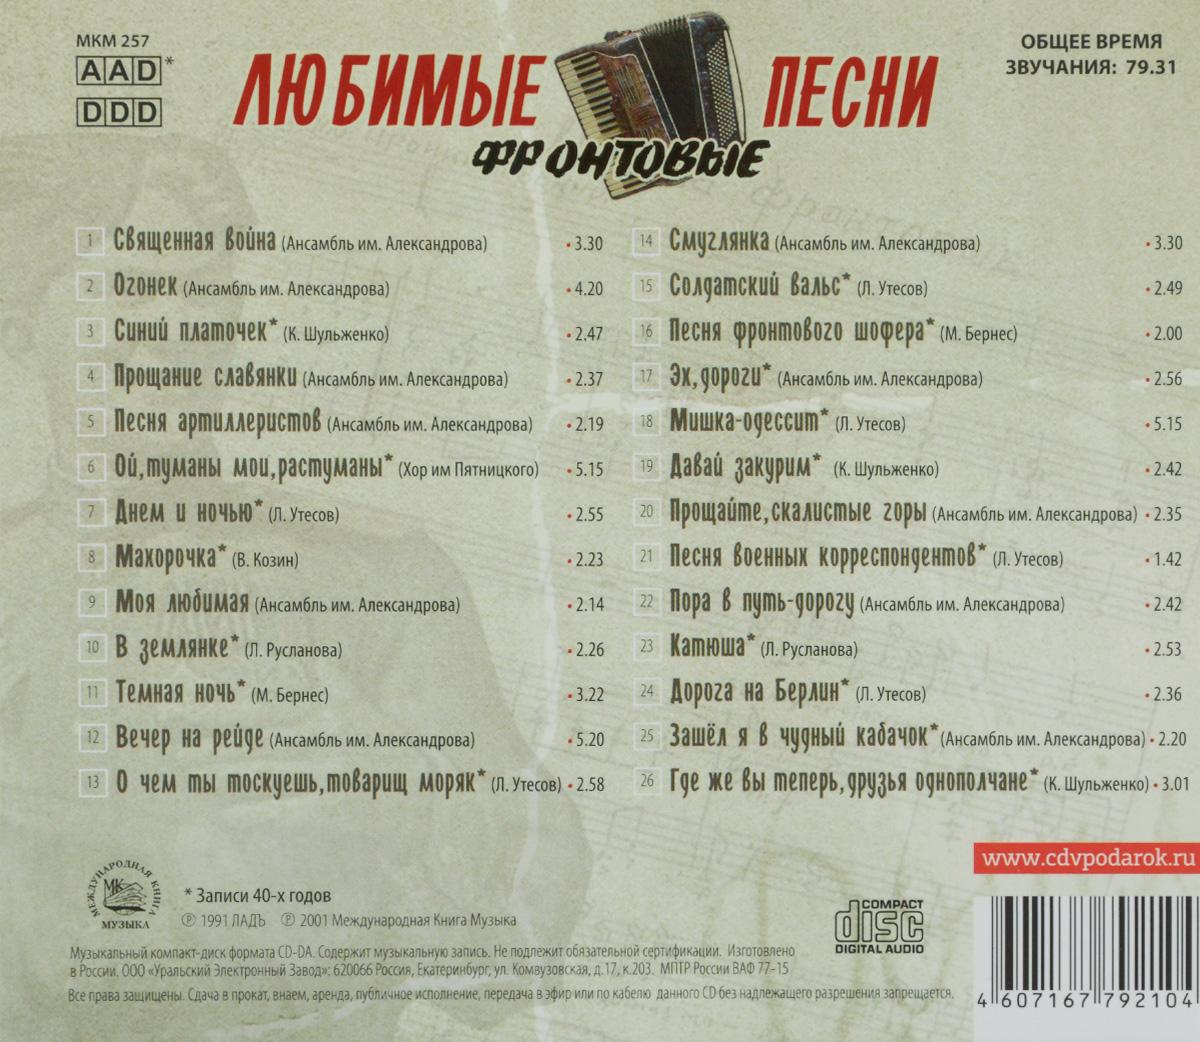 Любимые фронтовые песни Международная Книга Музыка